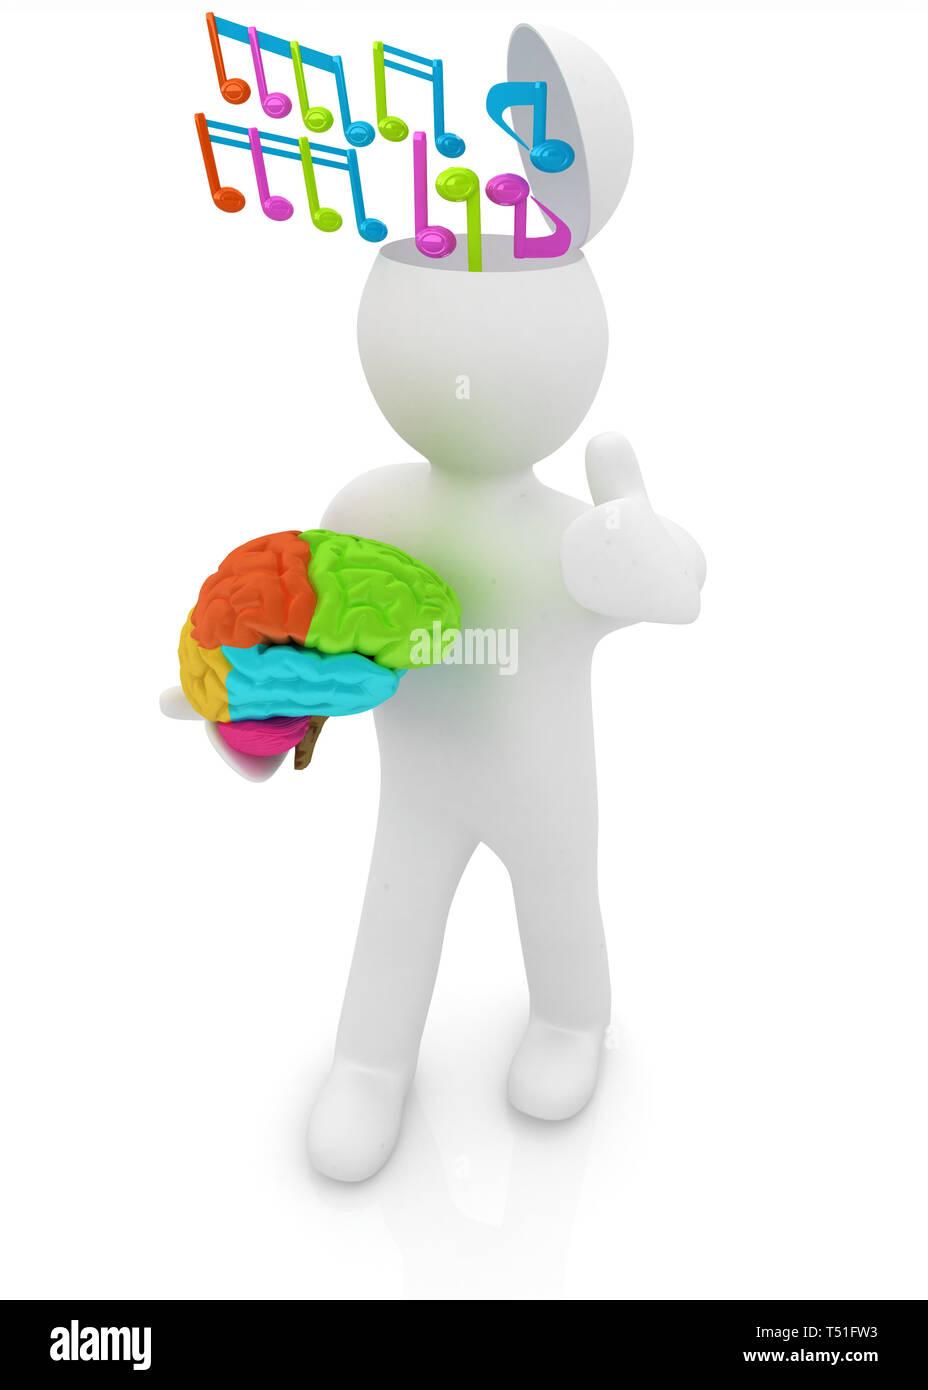 3D-Menschen - Mann mit halben Kopf, Gehirn und trumb. Сomposer Konzept mit bunte Hinweis Stockfoto